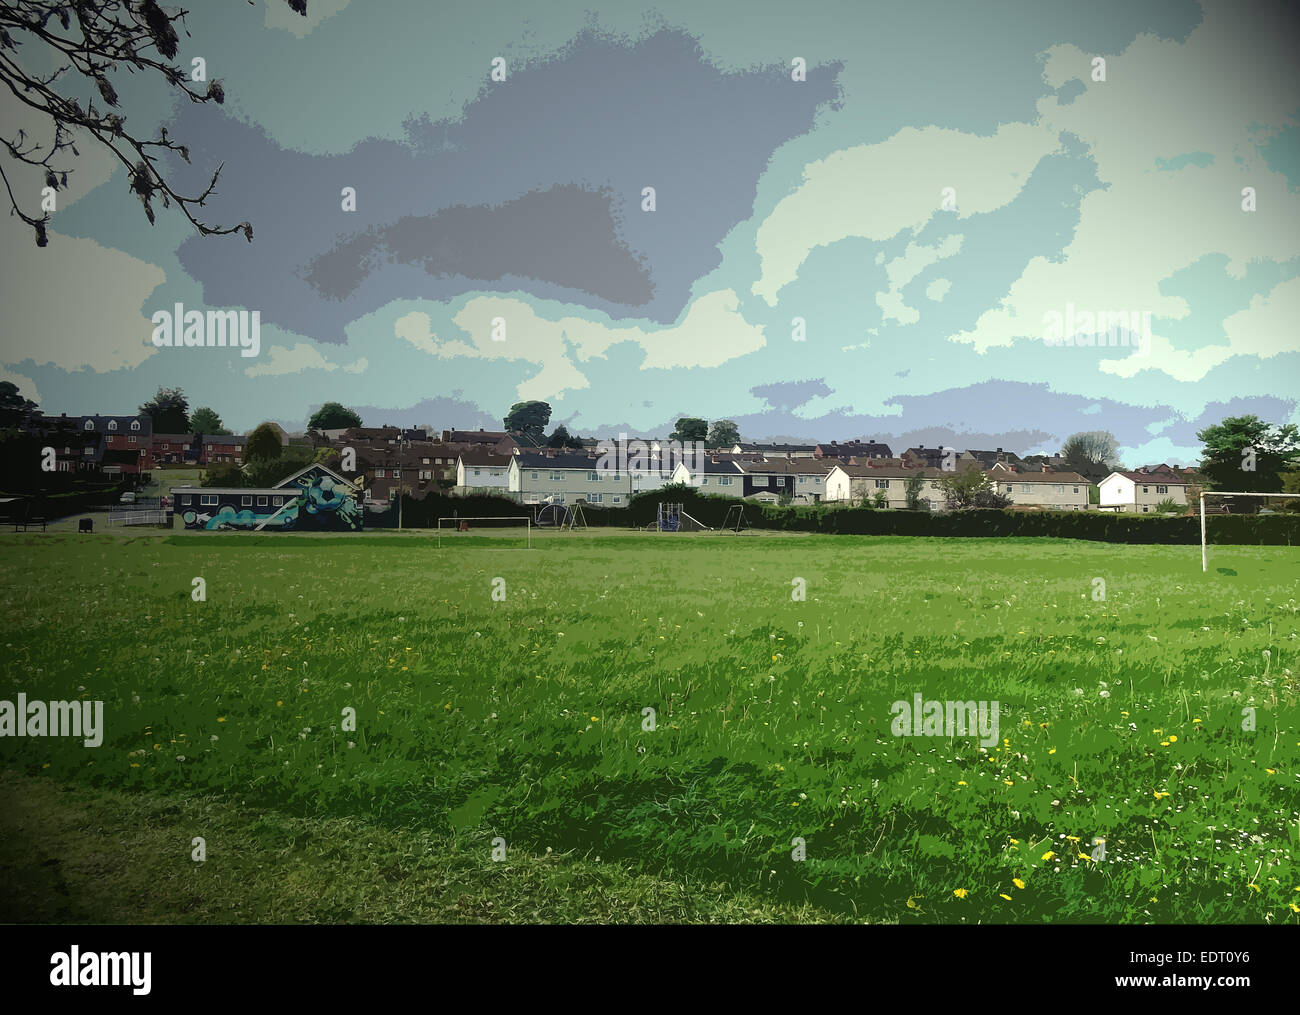 Los campos de juego por la Finca Mickley, campo de fútbol y brillantemente decorado edificio clubhouse Foto de stock